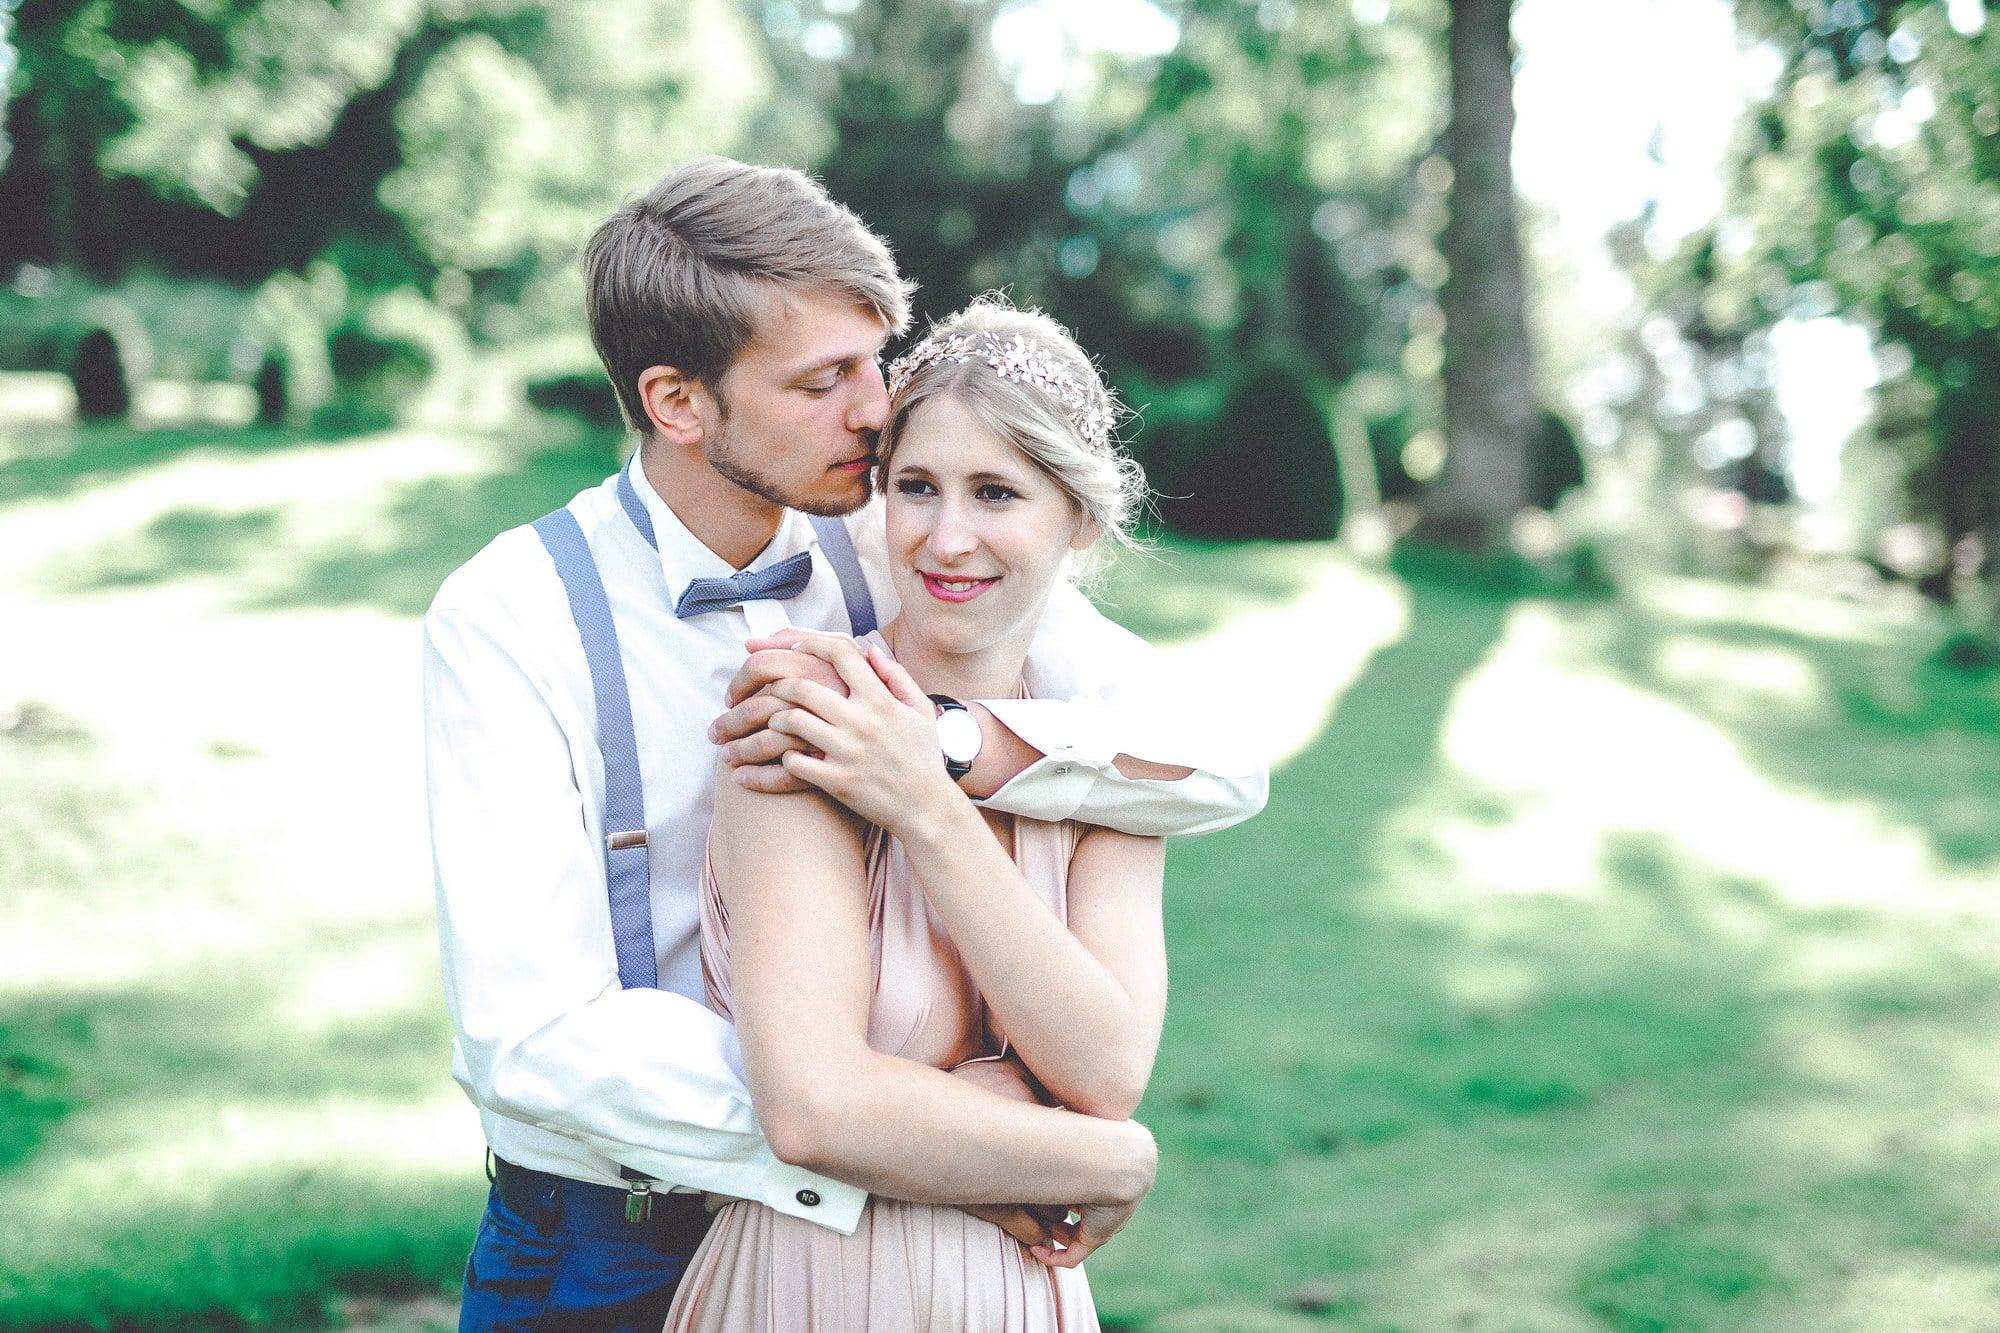 Frau Mann Paar Hosenträger Kleid umarmung